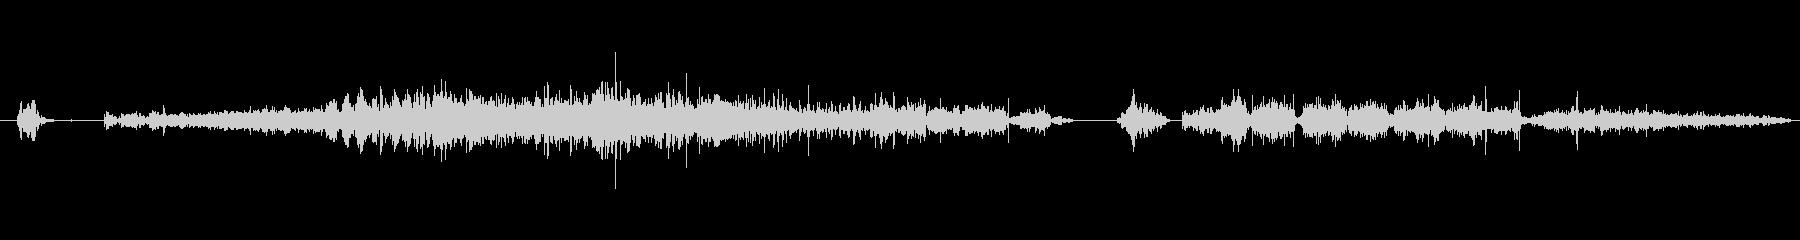 アイスゴーレム ゴーレム メルトグ...の未再生の波形